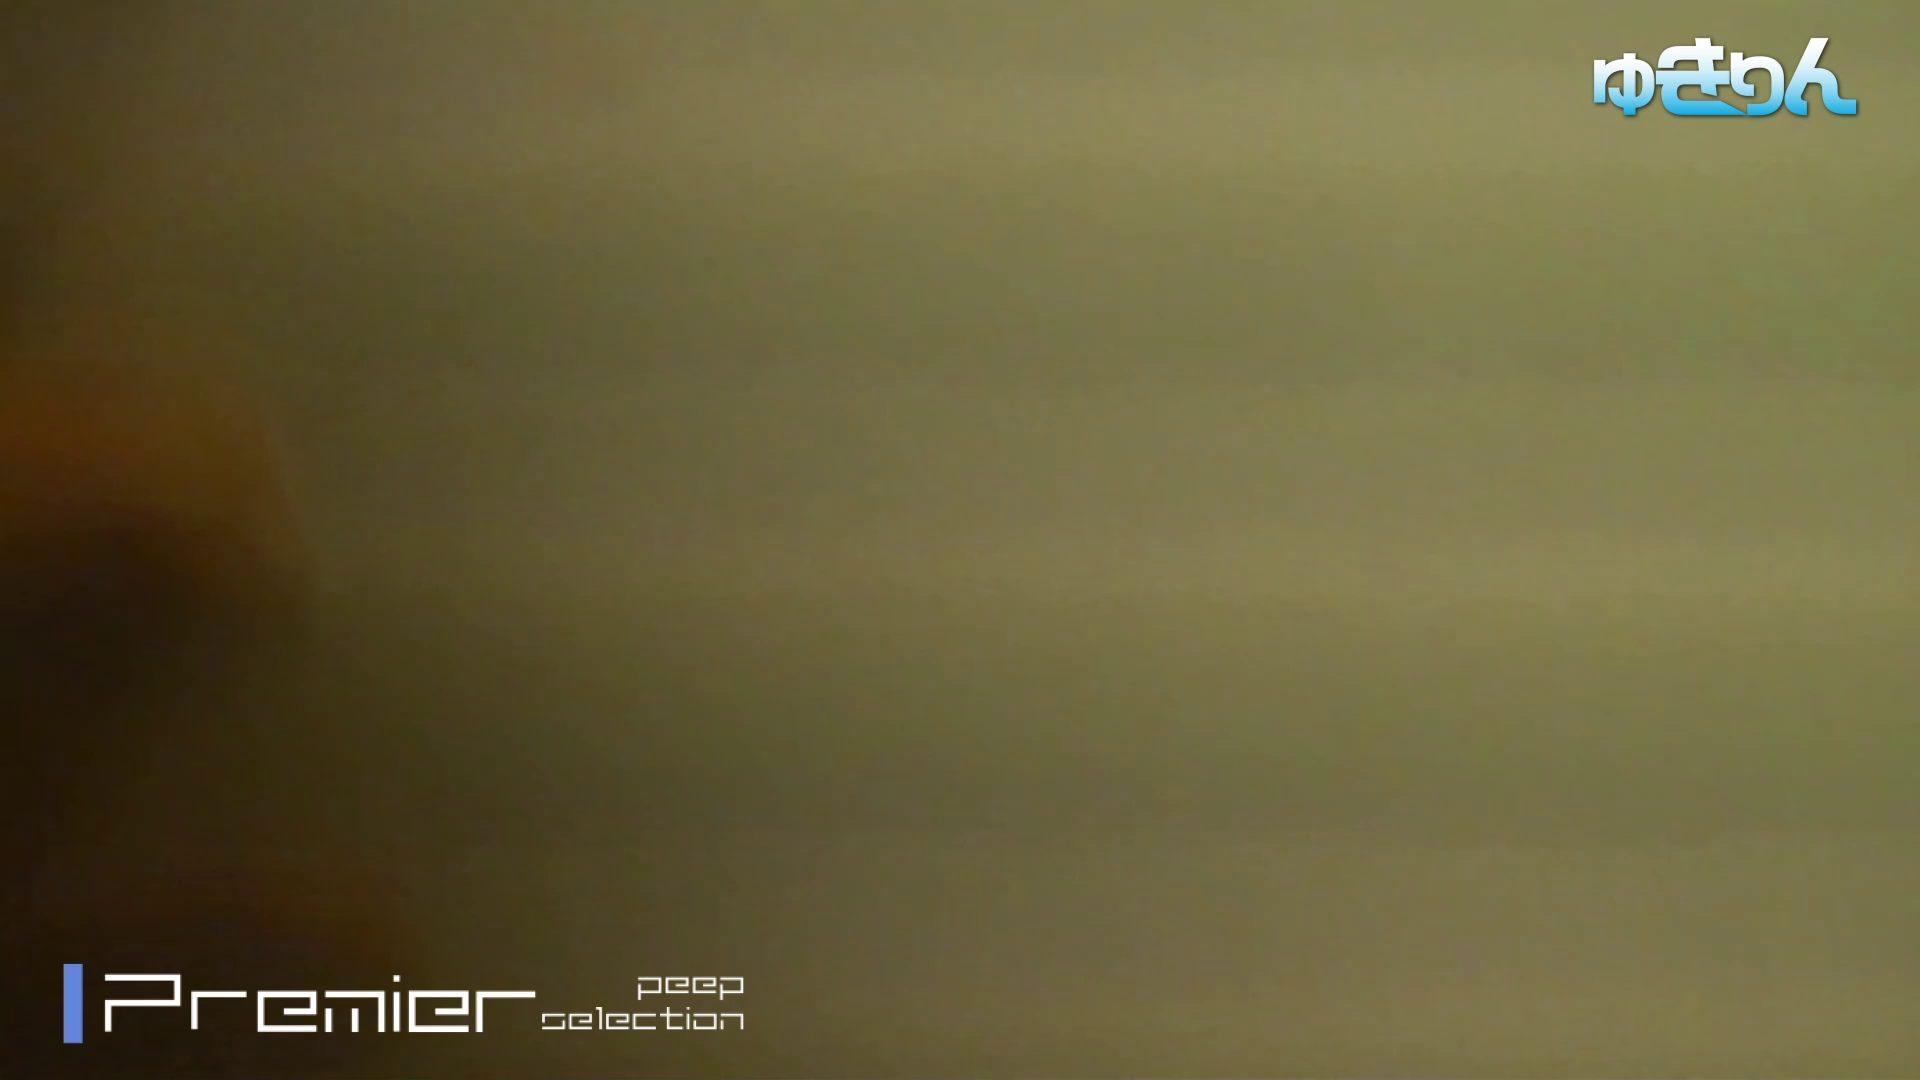 生尻 モチモチの尻の肉感がたまらない【新世界の射窓 No104 】 高画質   お姉さん  59画像 22